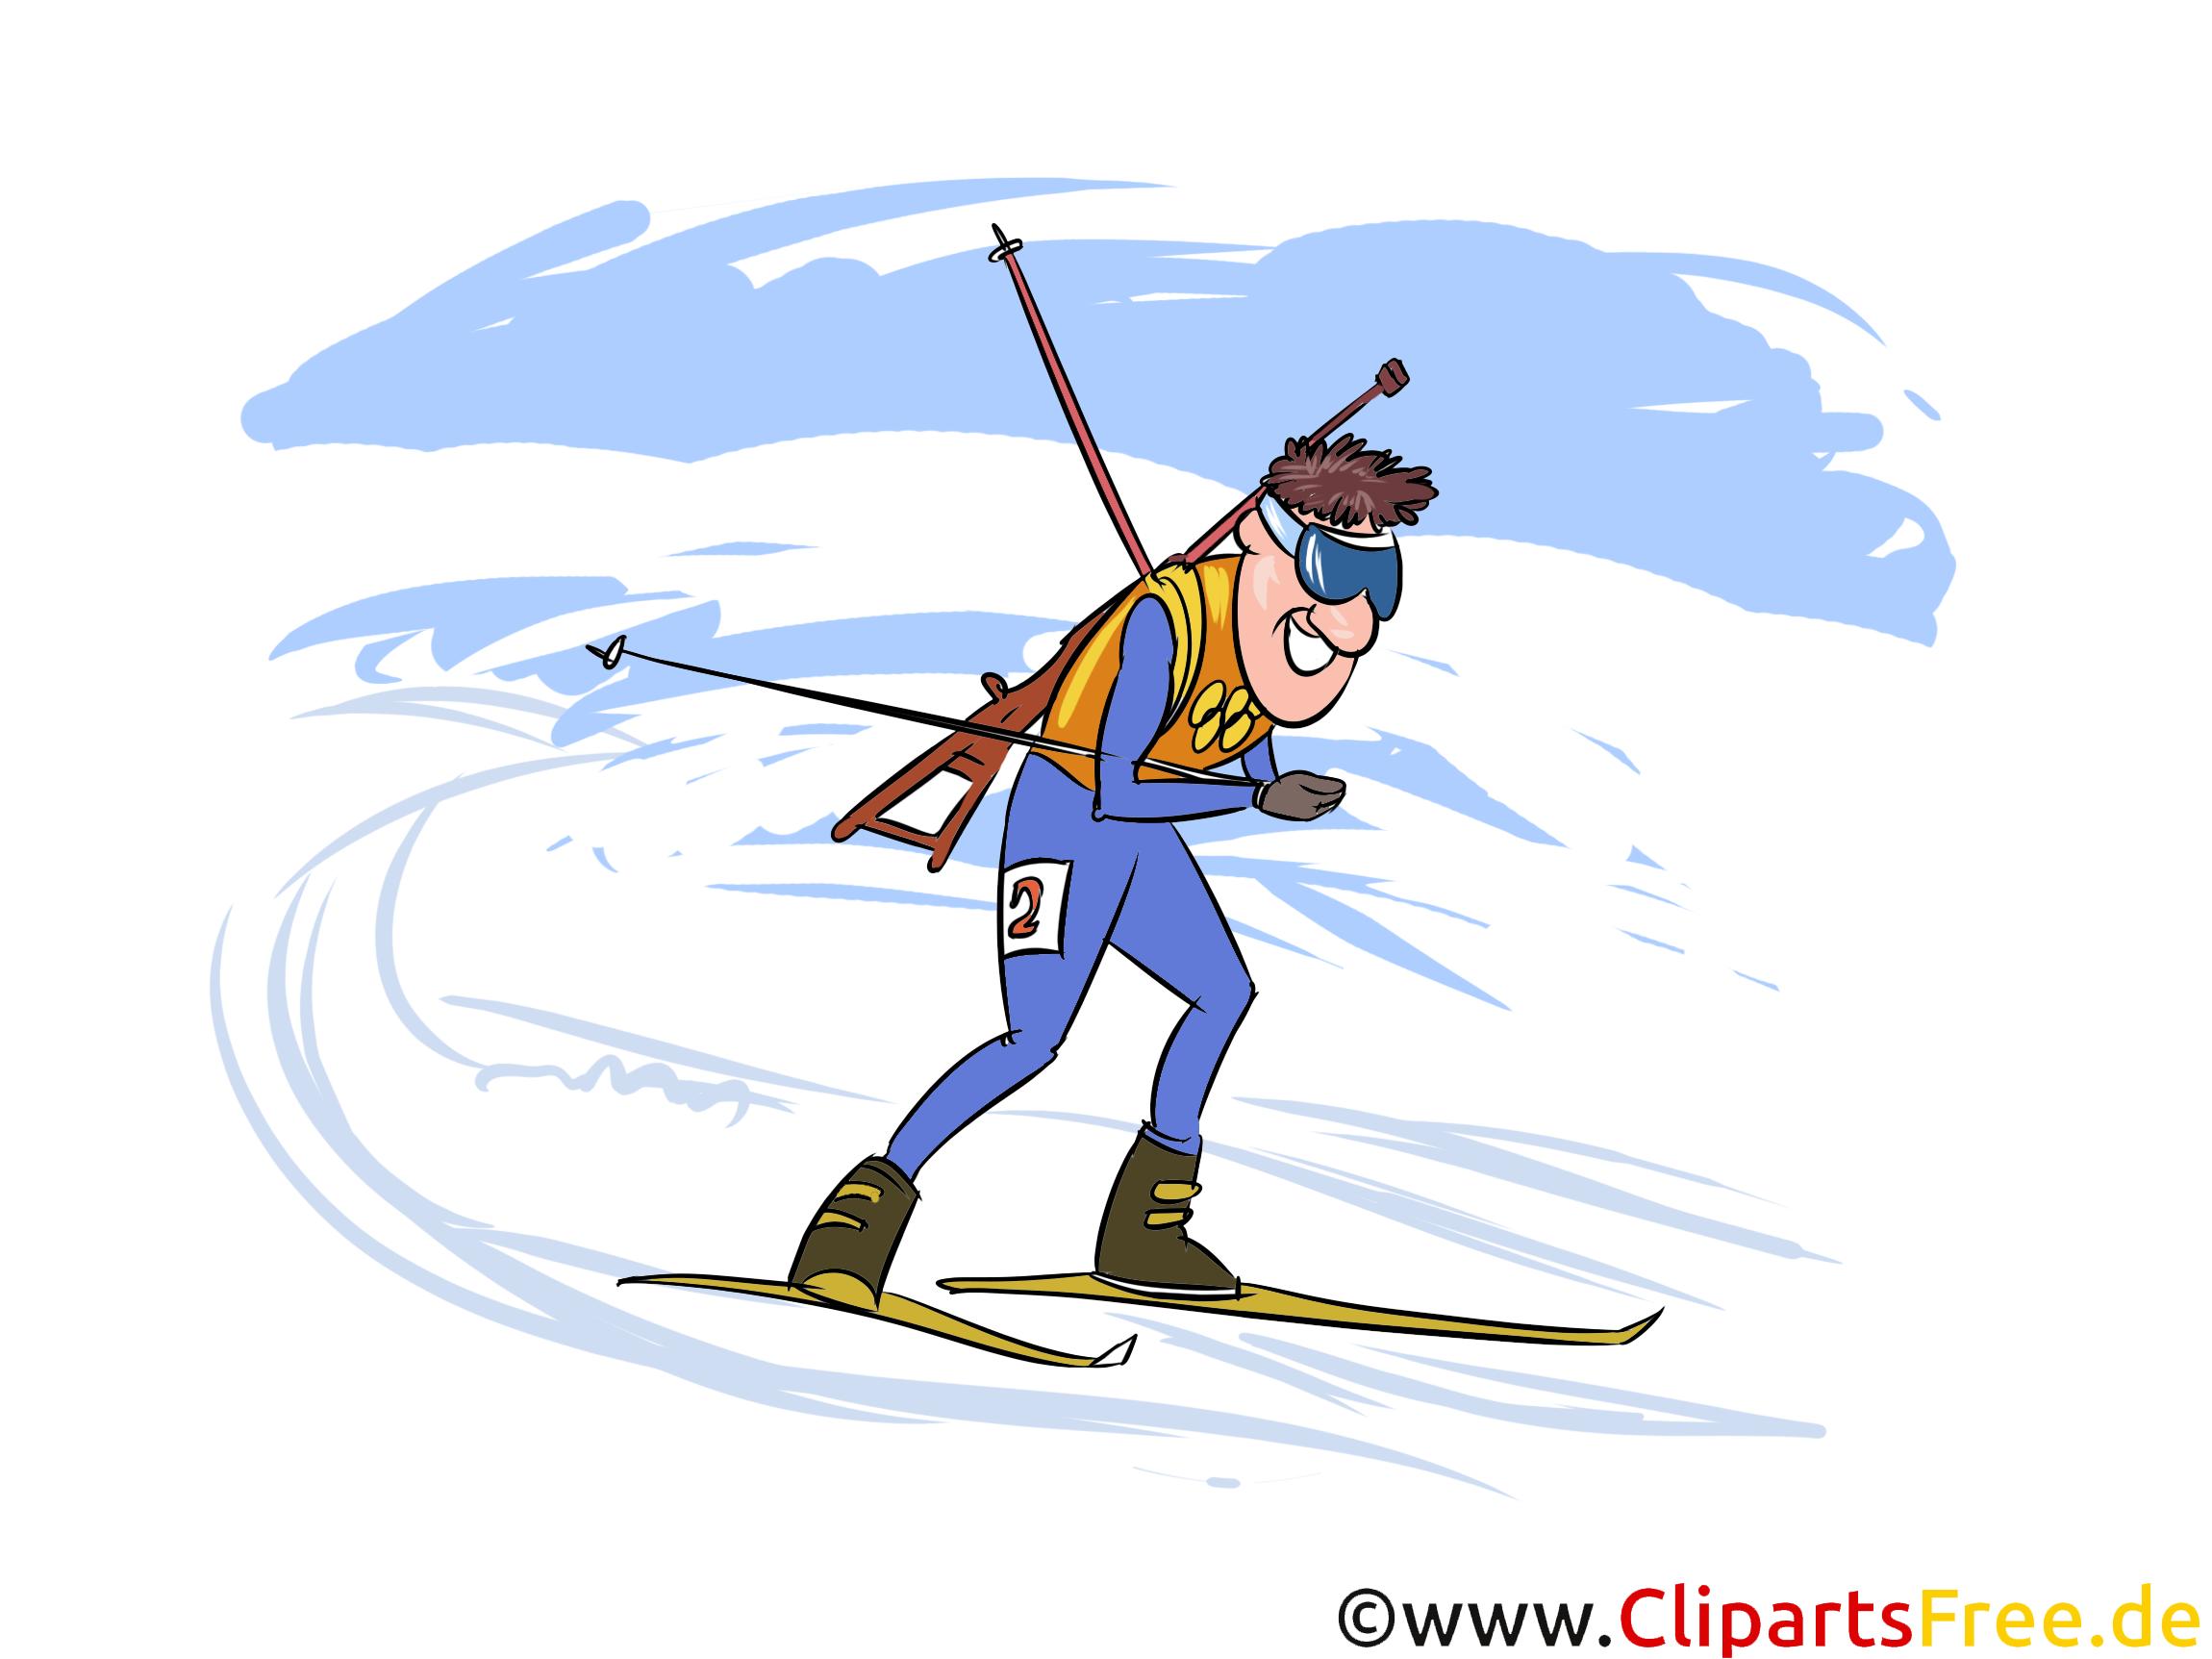 Wintersport Biathlon Bilder kostenlos